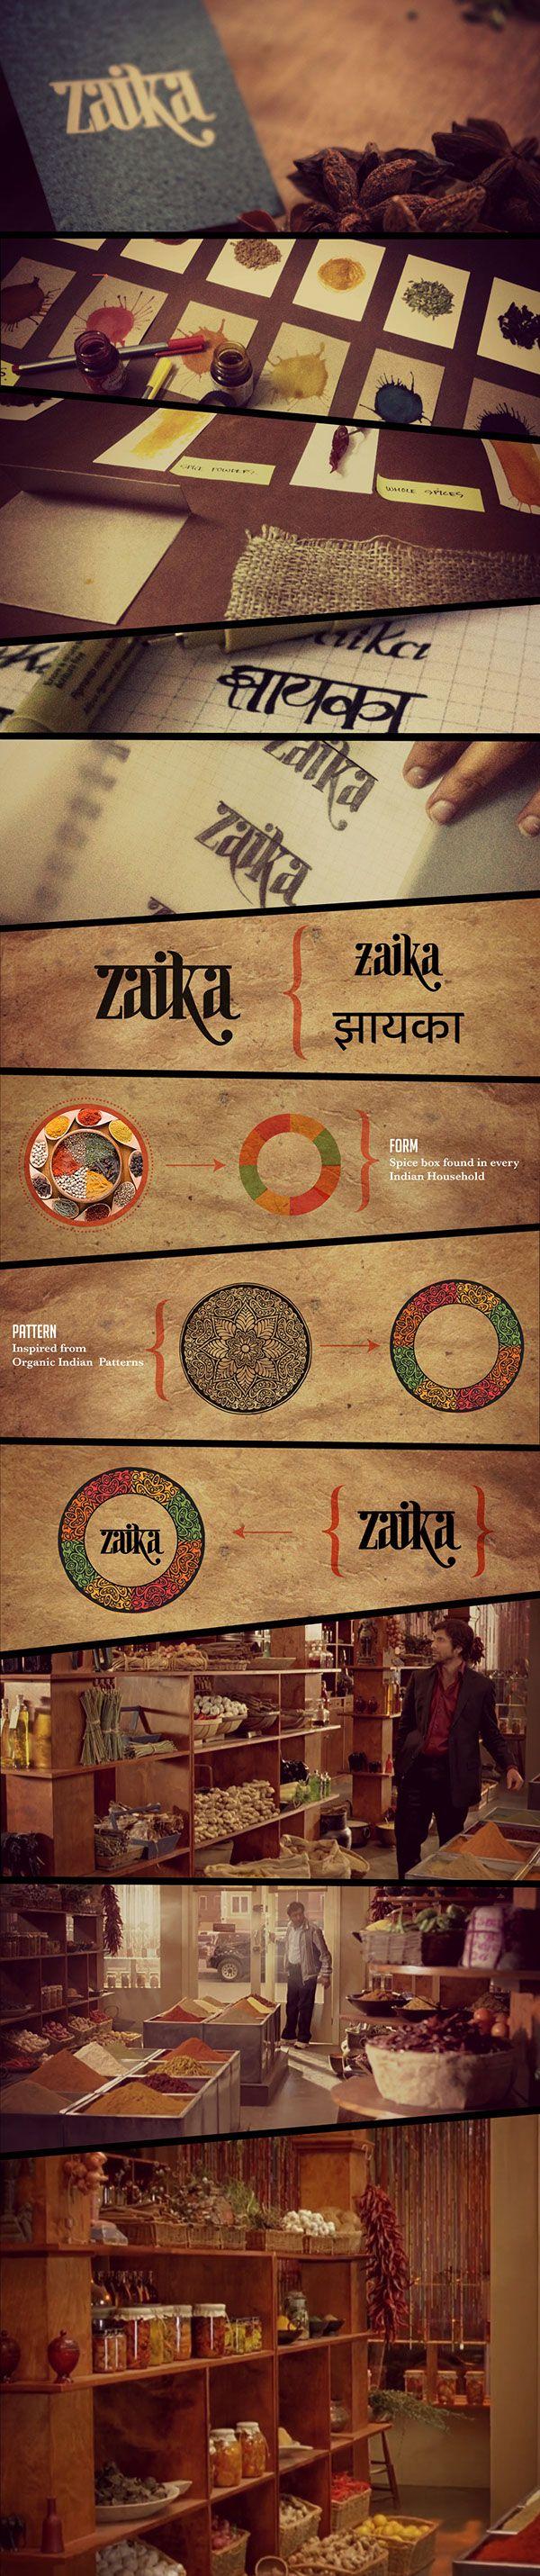 https://www.behance.net/gallery/14534409/Zaika-The-Spice-Store